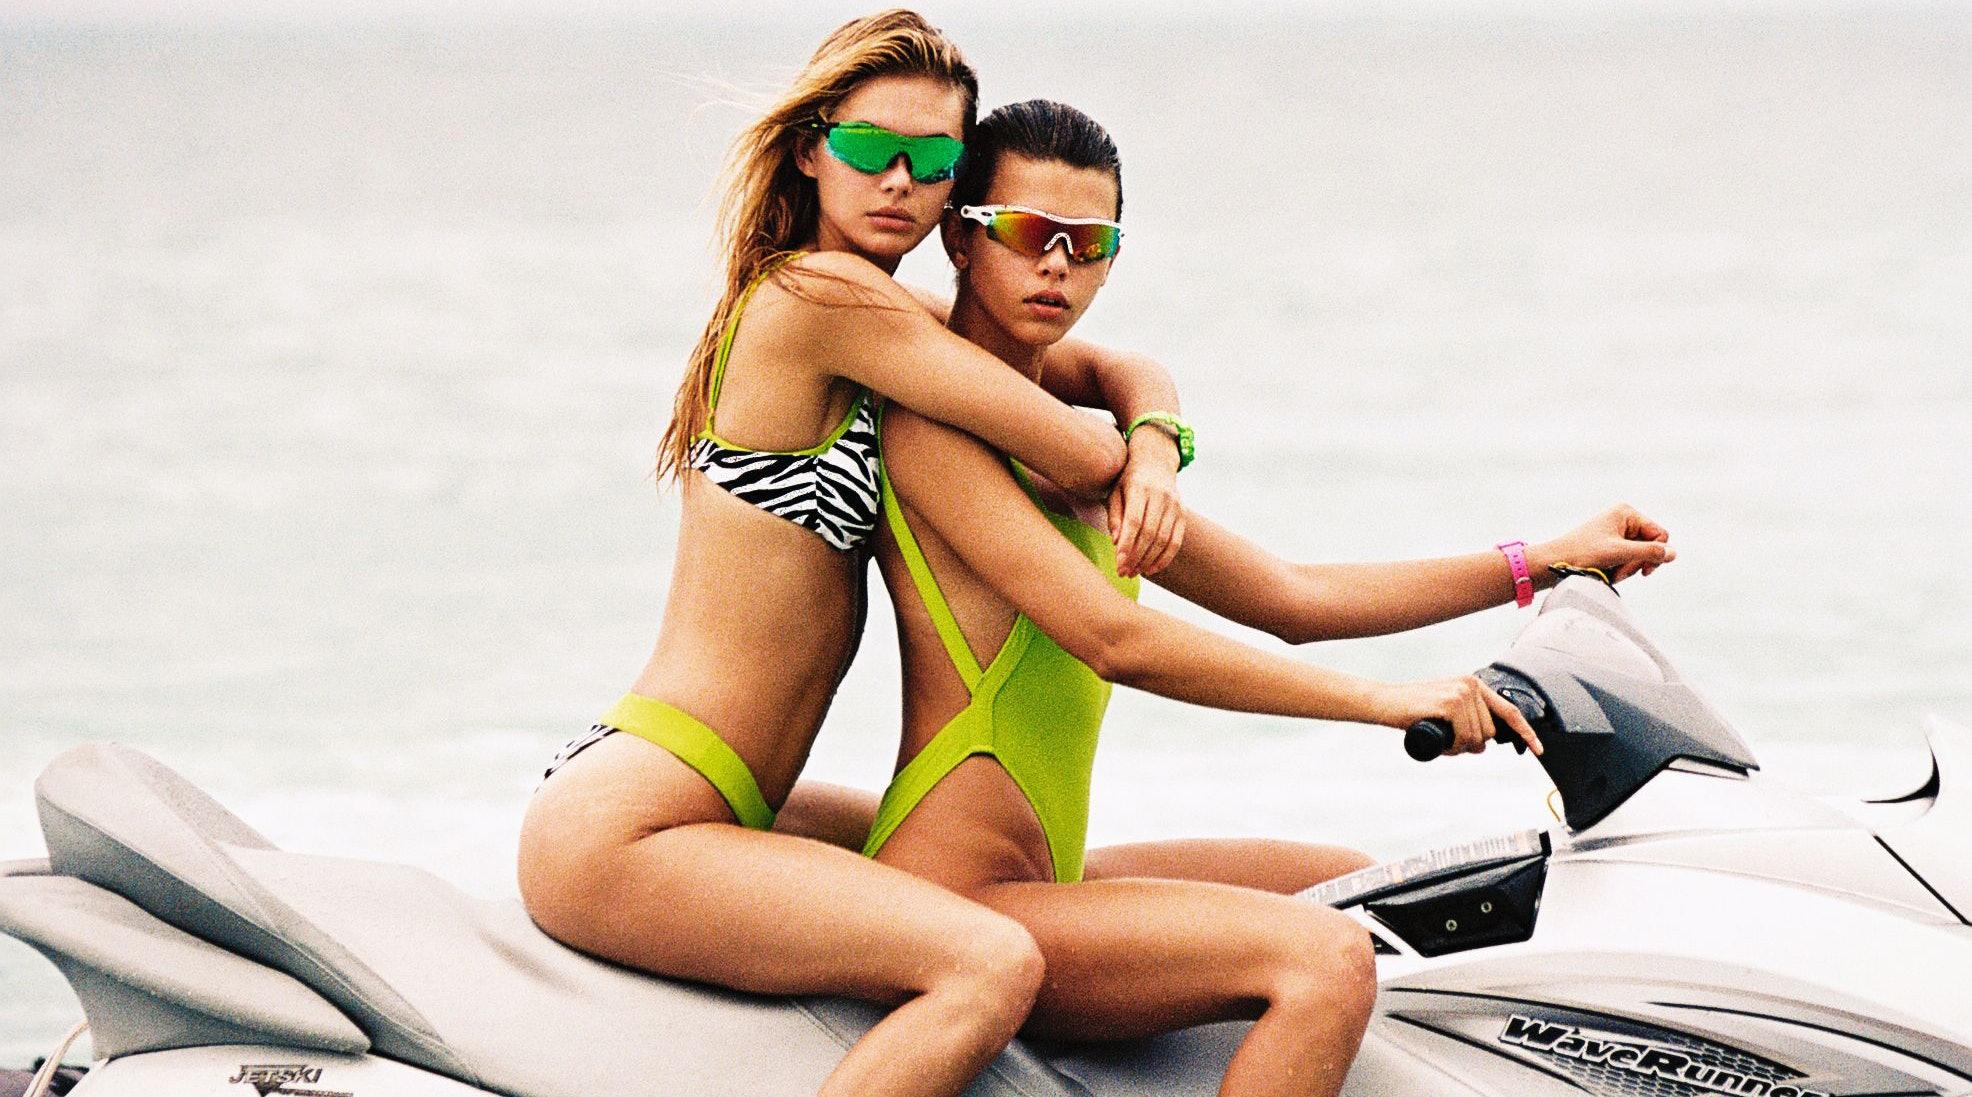 90/'s style cheeky swimsuit Women/'s bandeau bikini bathing suit